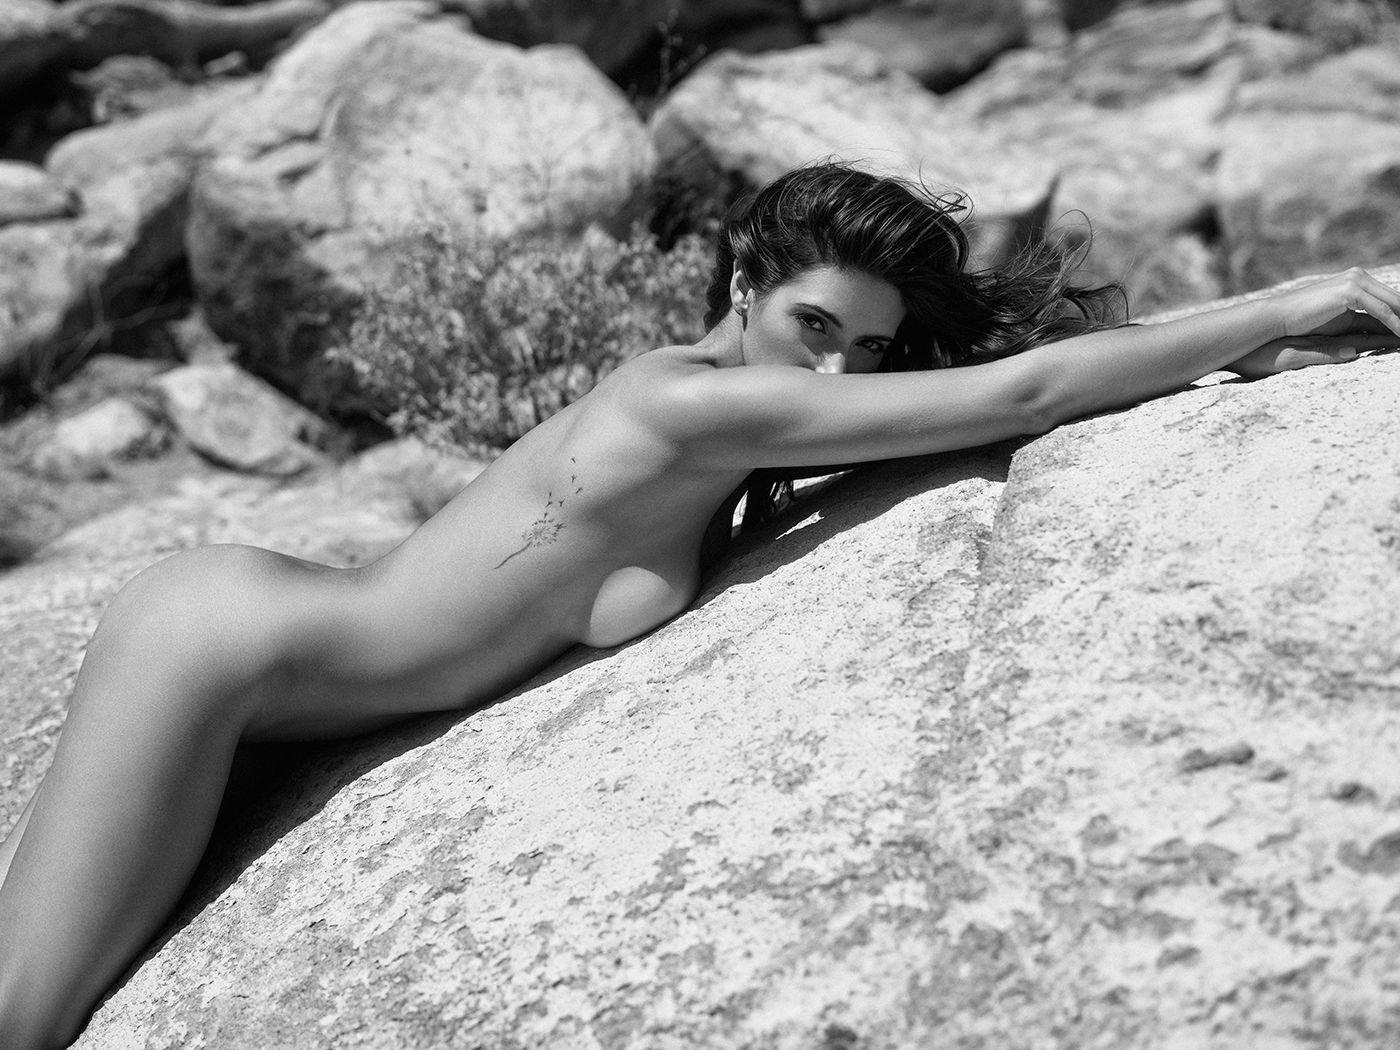 elisabeth giolito nude sexy photos thefappening